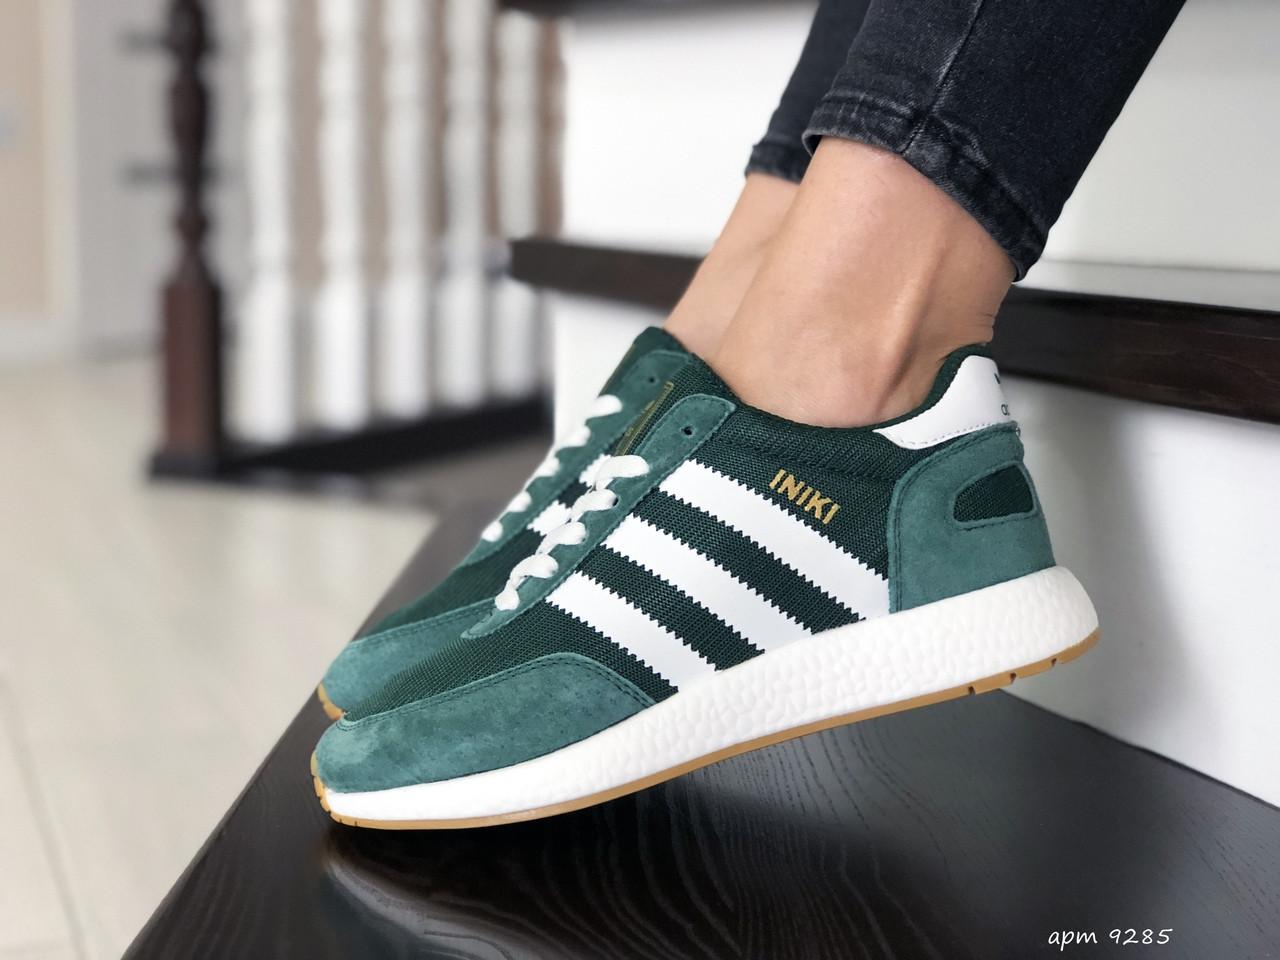 Женские (подростковые) кроссовки Adidas Iniki,зеленые с белым